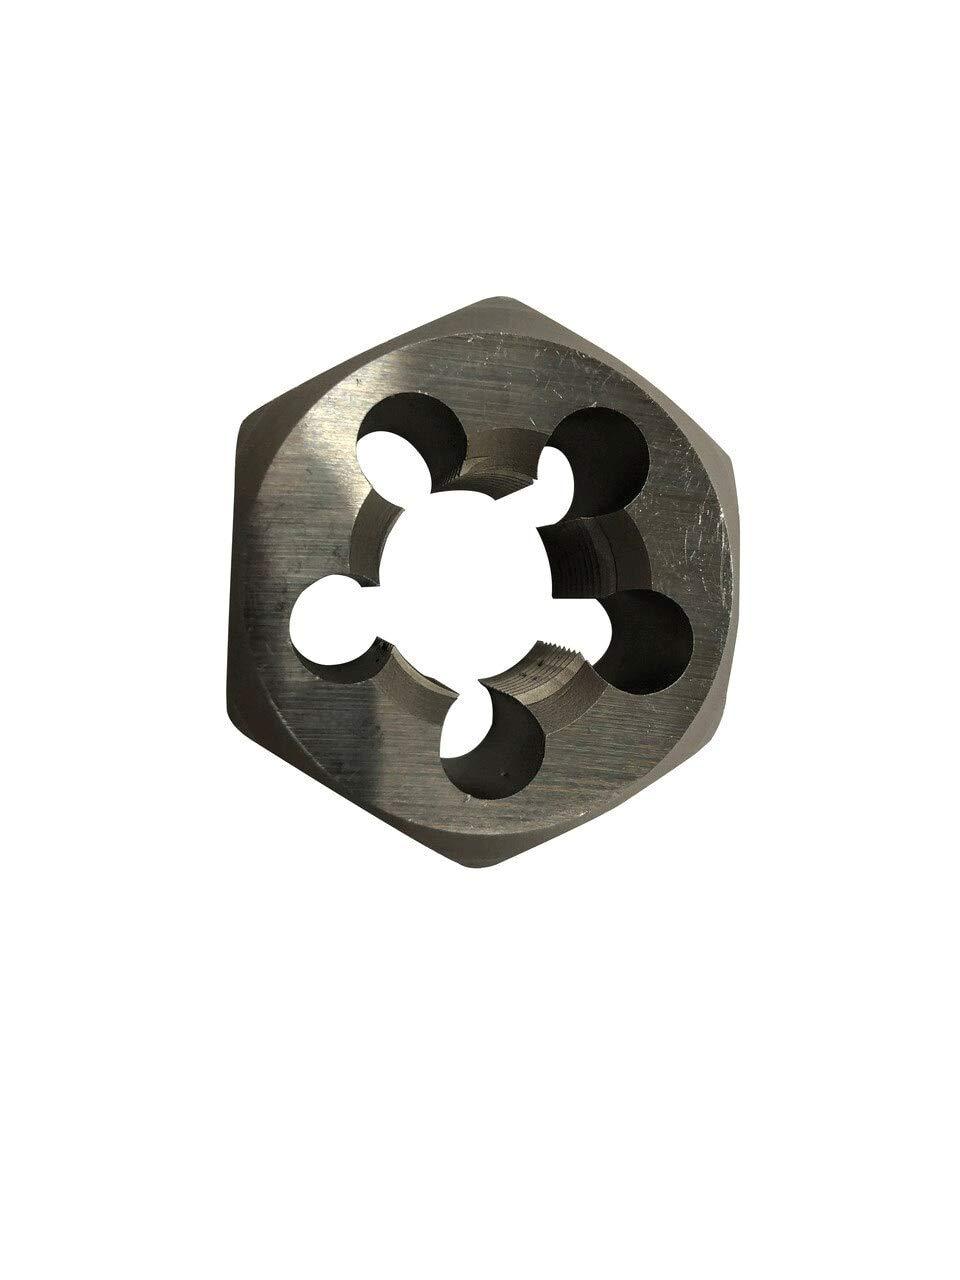 Hex Die Special Thread 14mm x .75mm Metric Carbon Steel